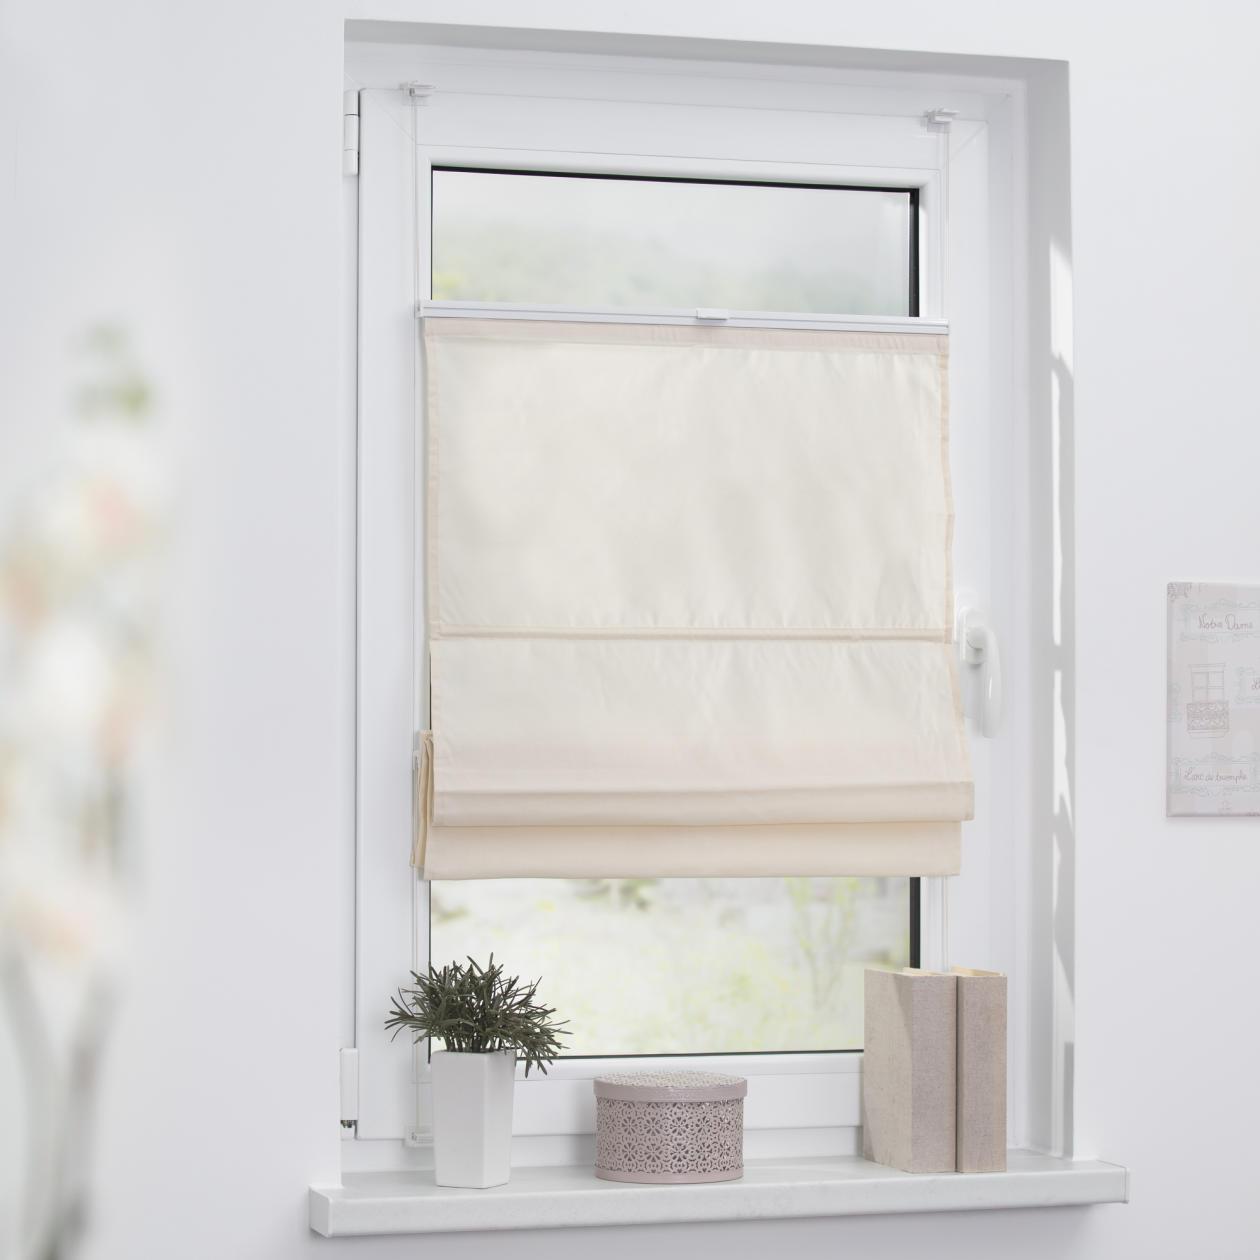 lichtblick raffrollo klemmfix top ohne bohren verspannt rollo jalousie rollo ebay. Black Bedroom Furniture Sets. Home Design Ideas